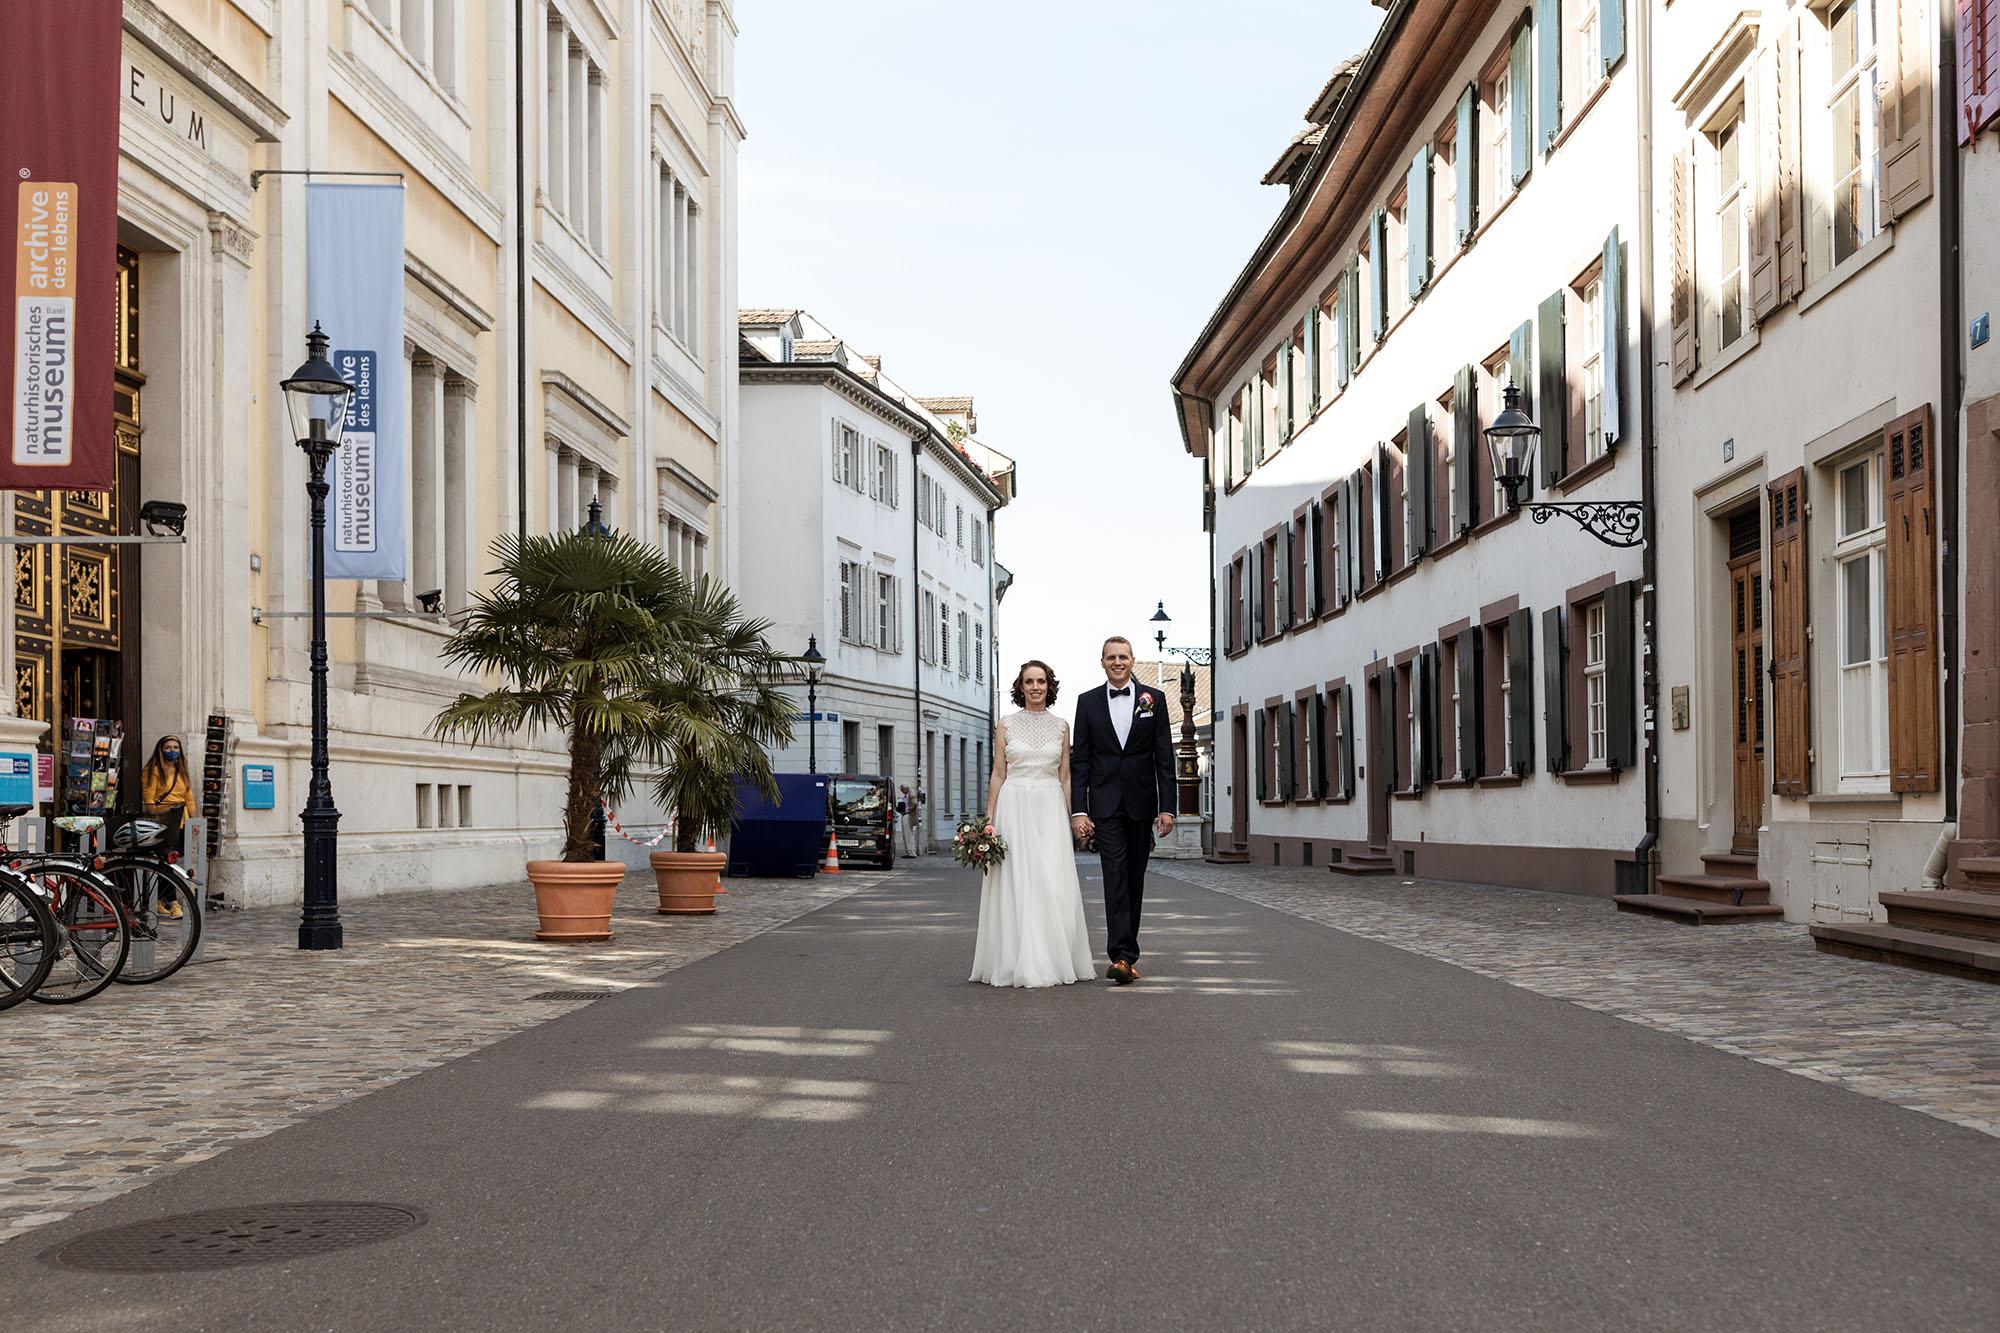 Das Paar spaziert durch die Altstadt von Basel - Hochzeit Basel - Hochzeitsfotografen Basel